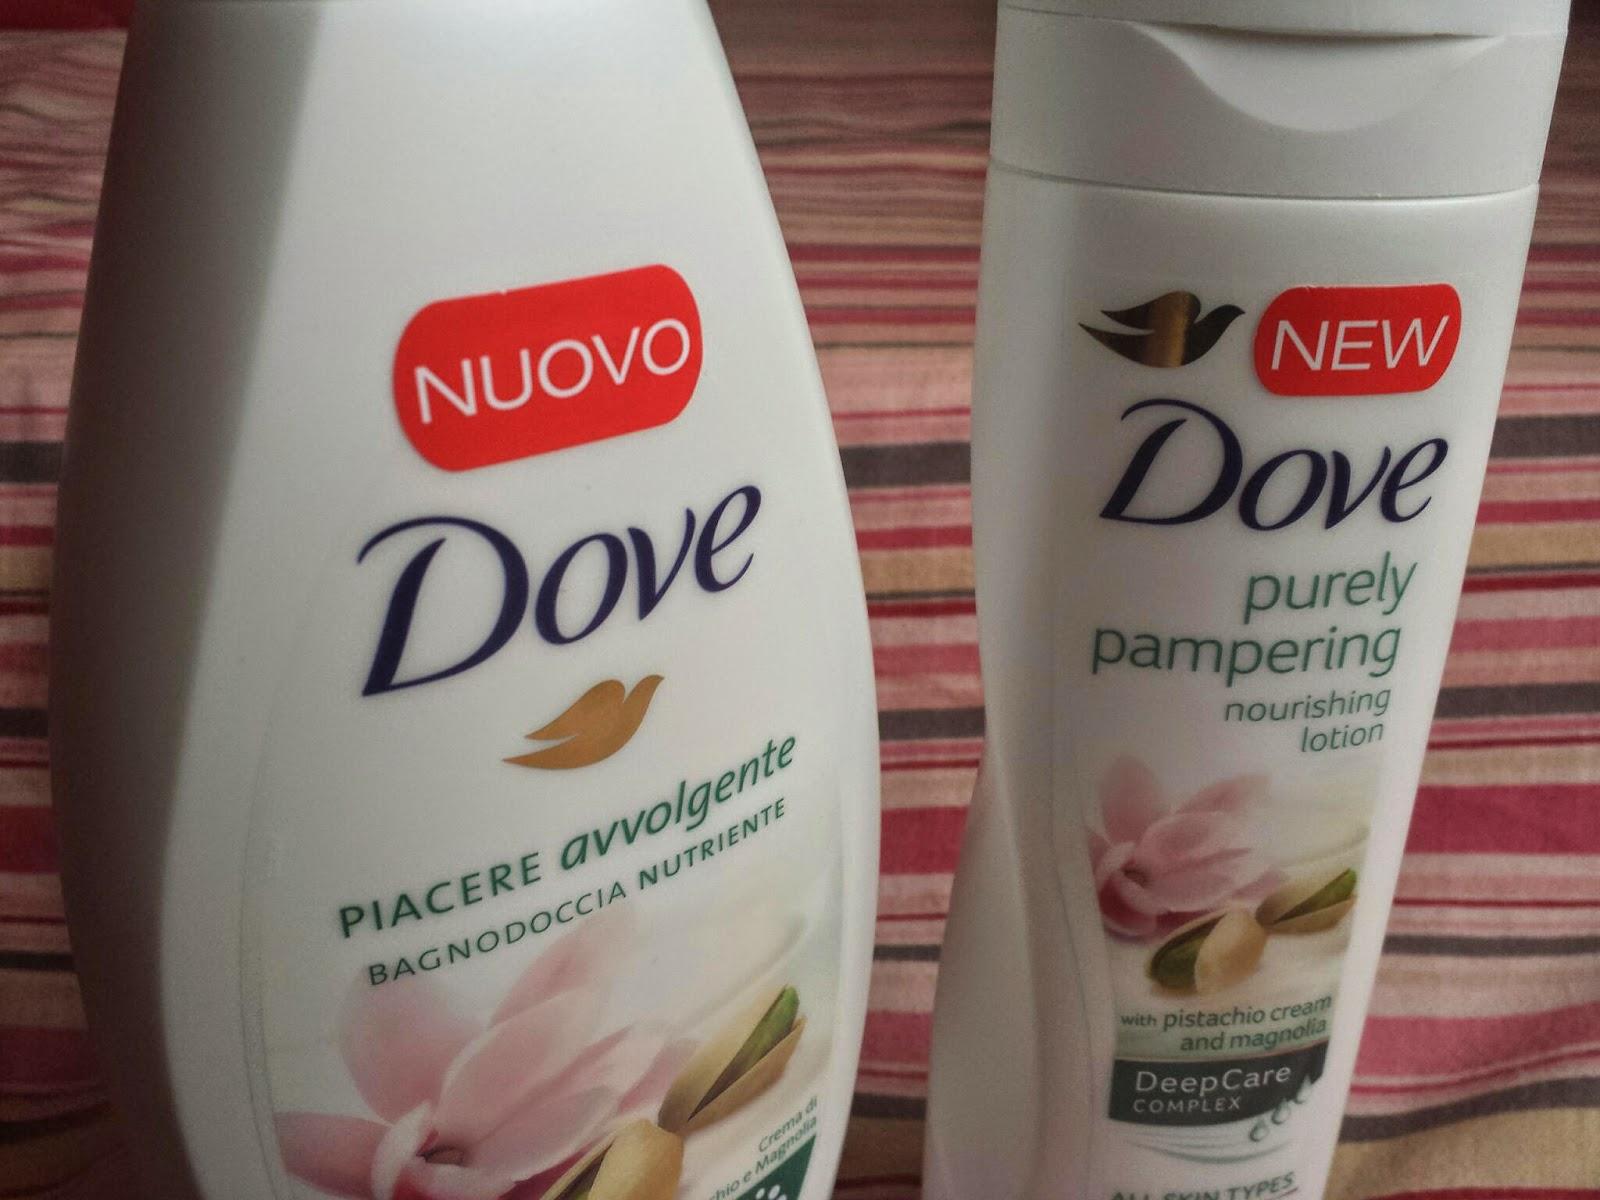 Bagno Doccia Dove : Spot dove bagni doccia youtube